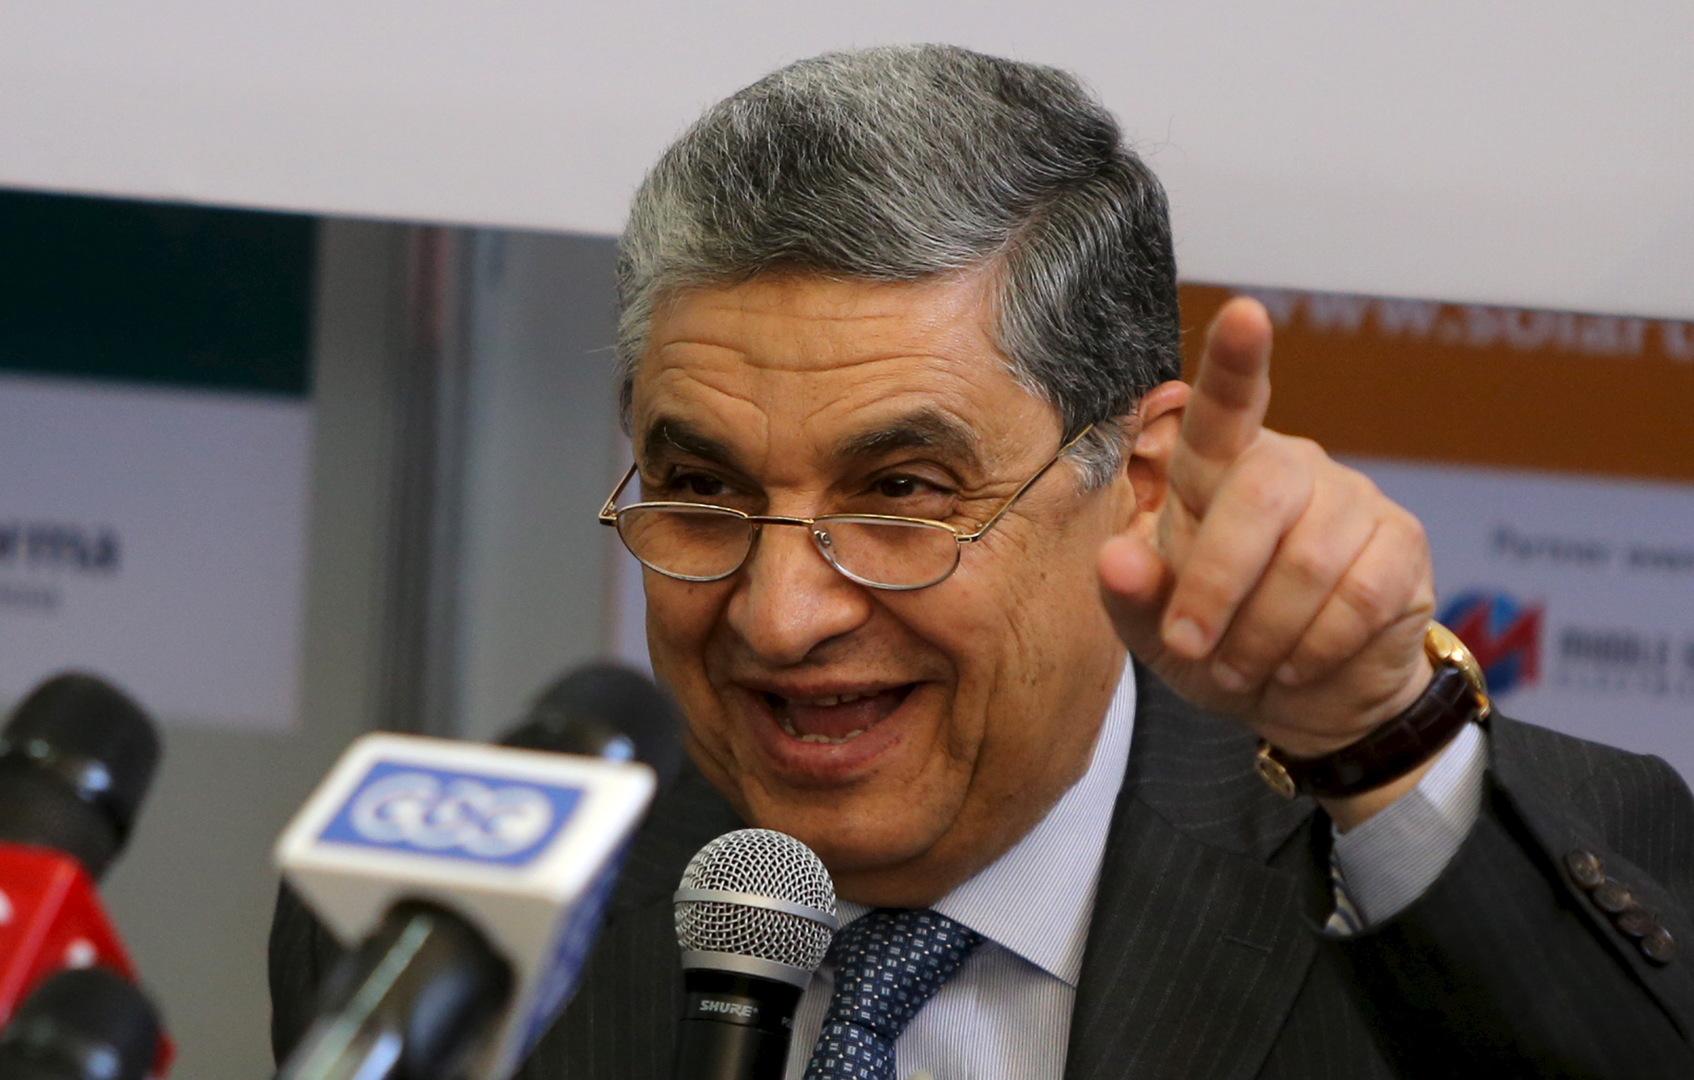 وزير الكهرباء المصري يعلن موعد تصنيع أولى معدات محطة الضبعة النووية